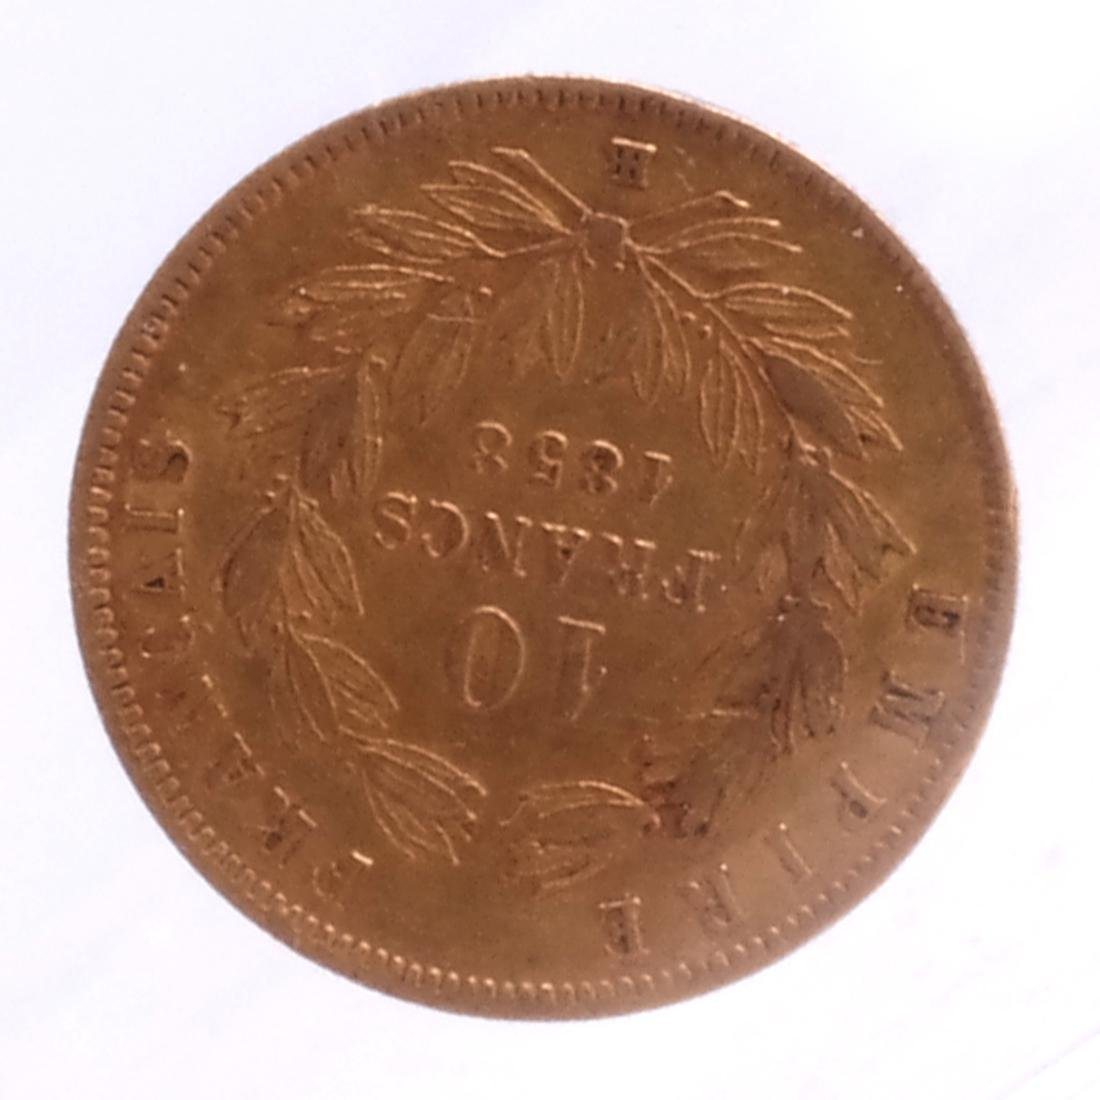 1858 10 Francs, France, Gold. - 2